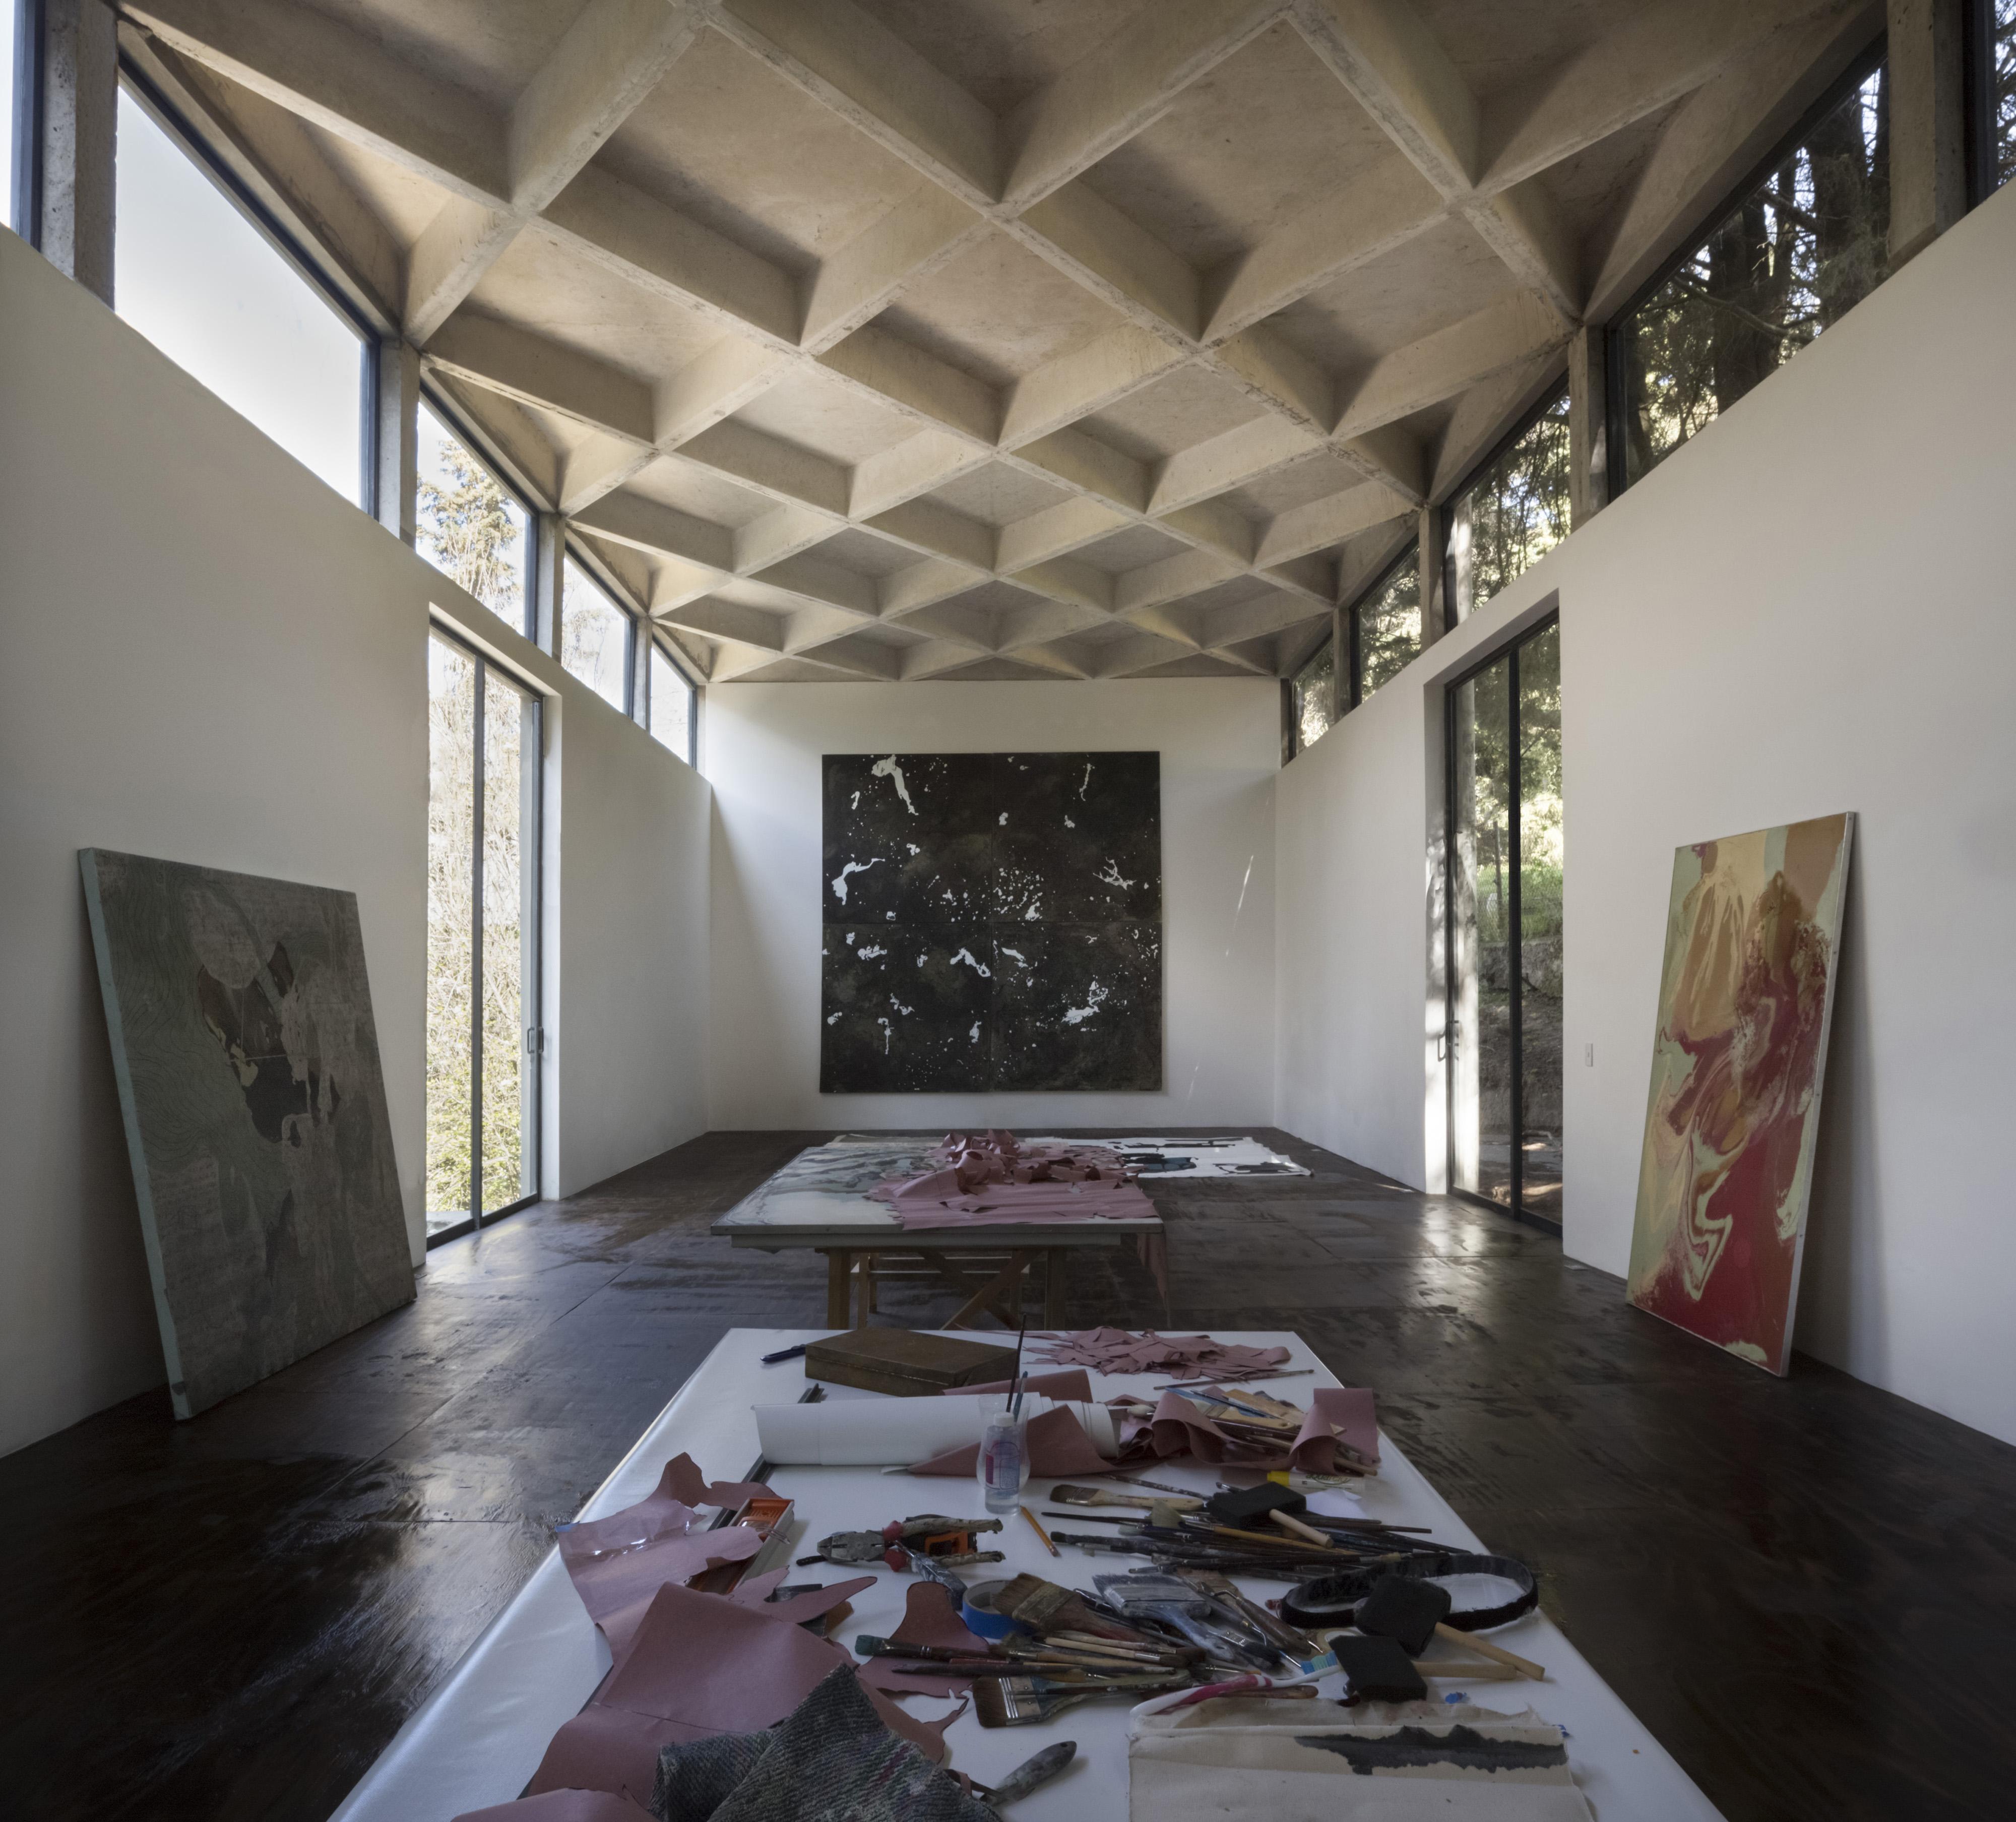 Parra Building Consultants : Roel studio architect magazine dellekamp arquitectos